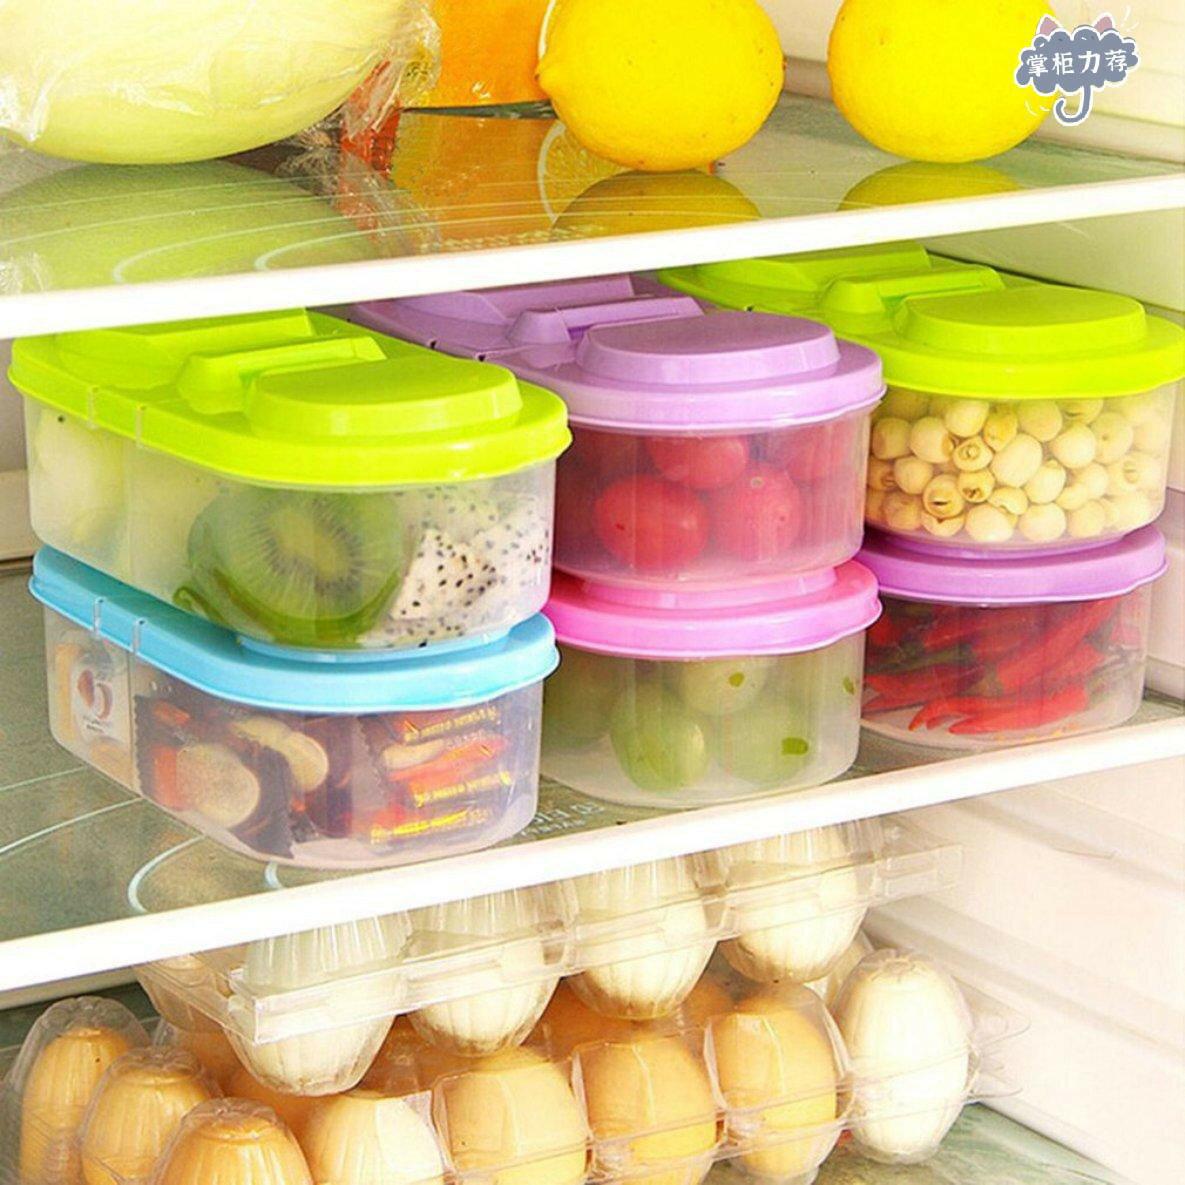 【全館免運】廚房食品雜糧米飯塑料儲物盒箱罐綠色